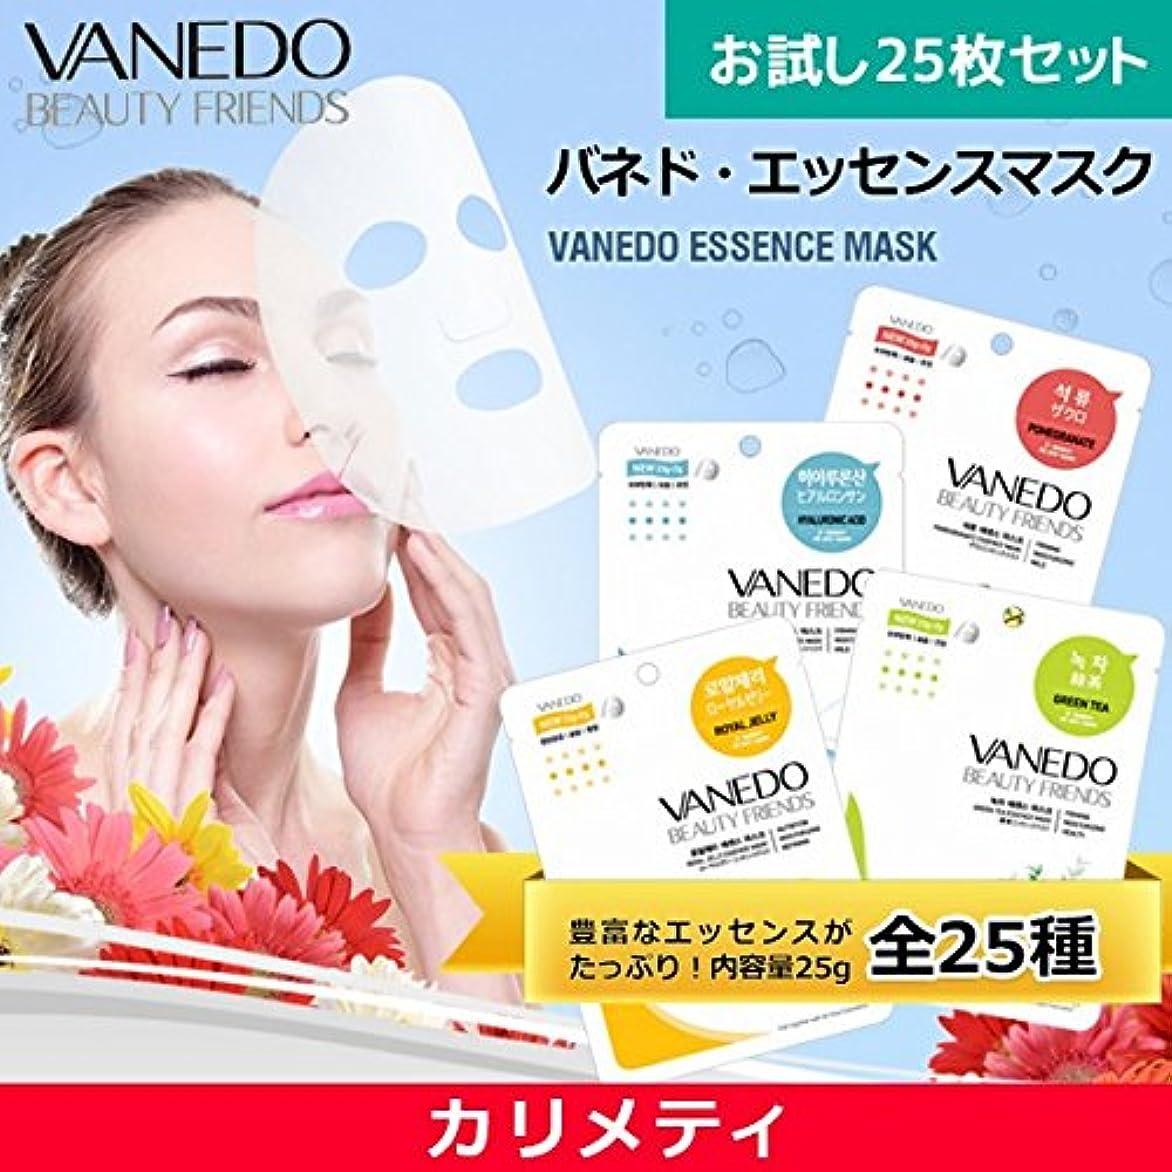 【VANEDO】バネド全種 25枚 お試しセット/シートマスク/マスクパック/フェイスマスク [メール便]